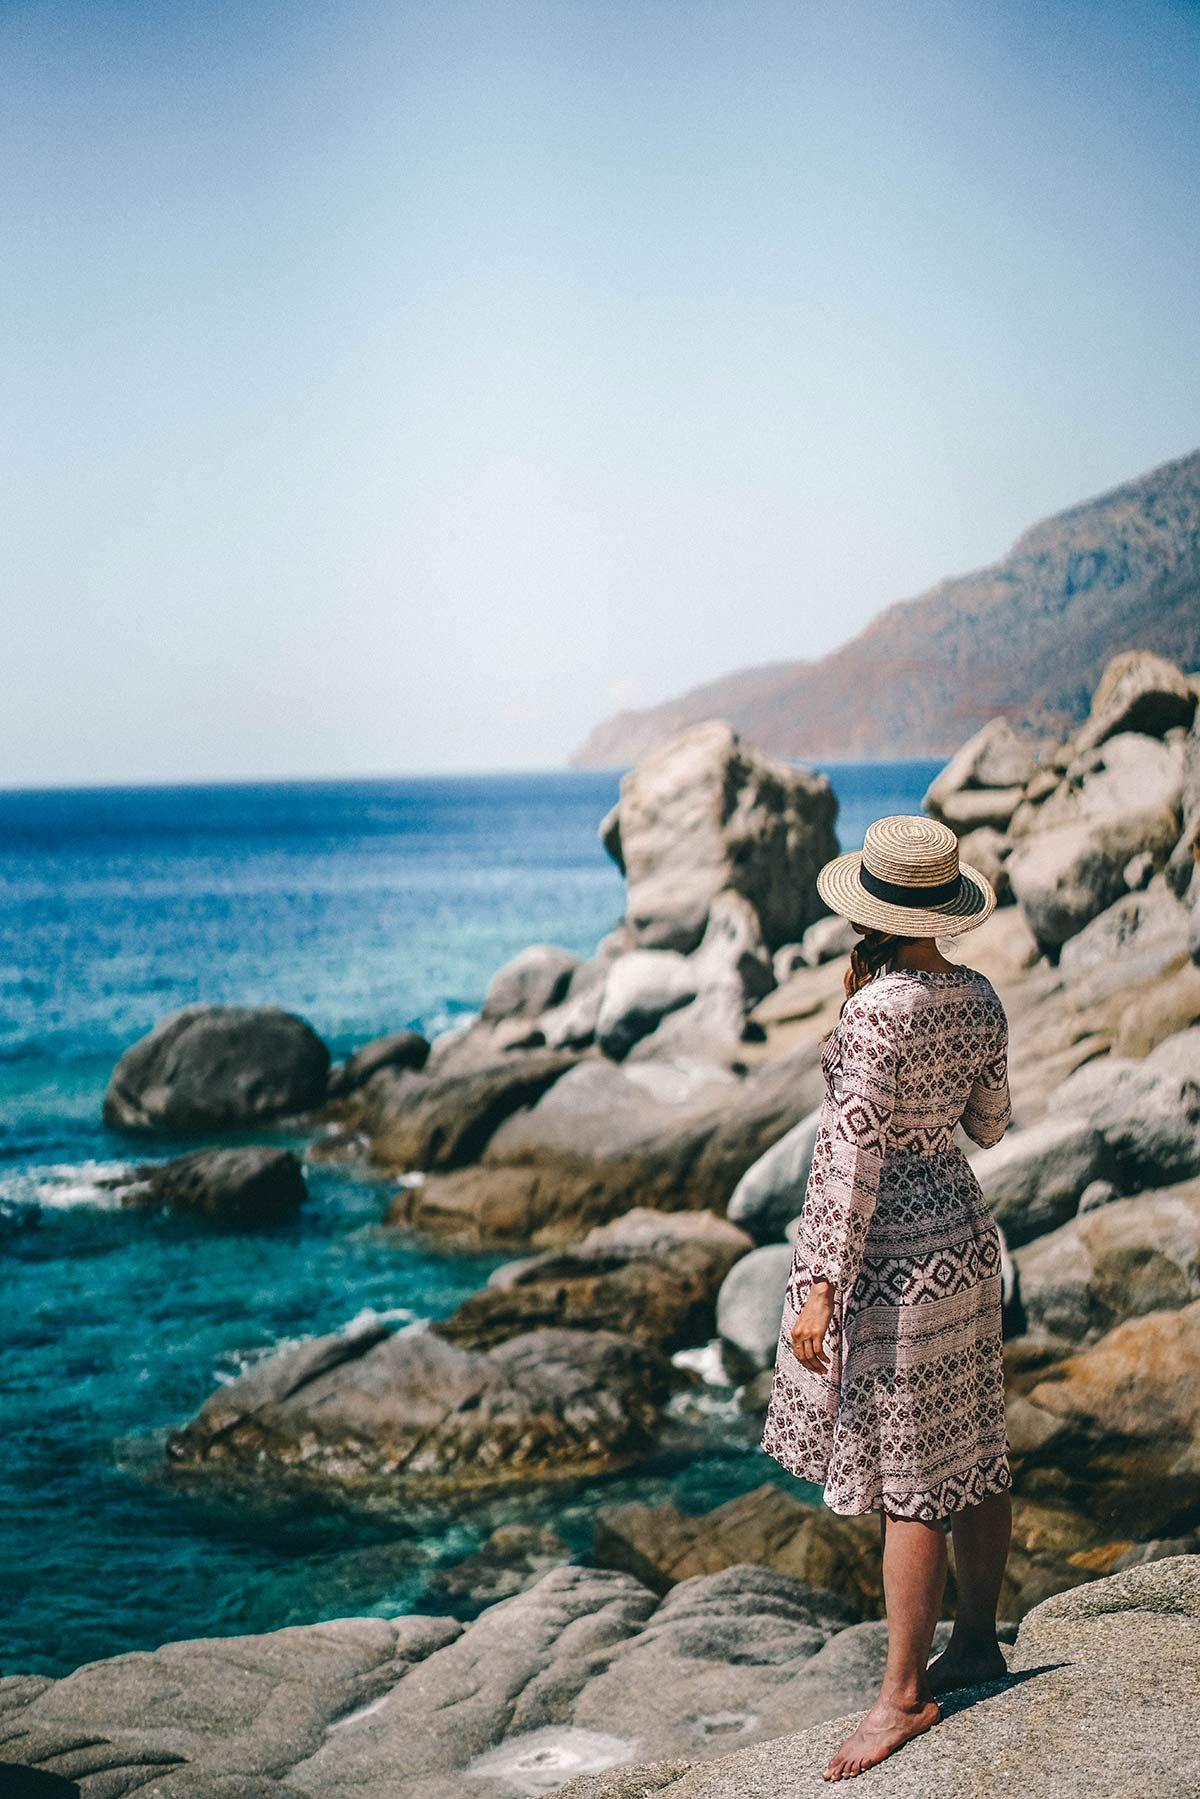 Die griechische Insel Ikaria – Europas Südseeparadies ...